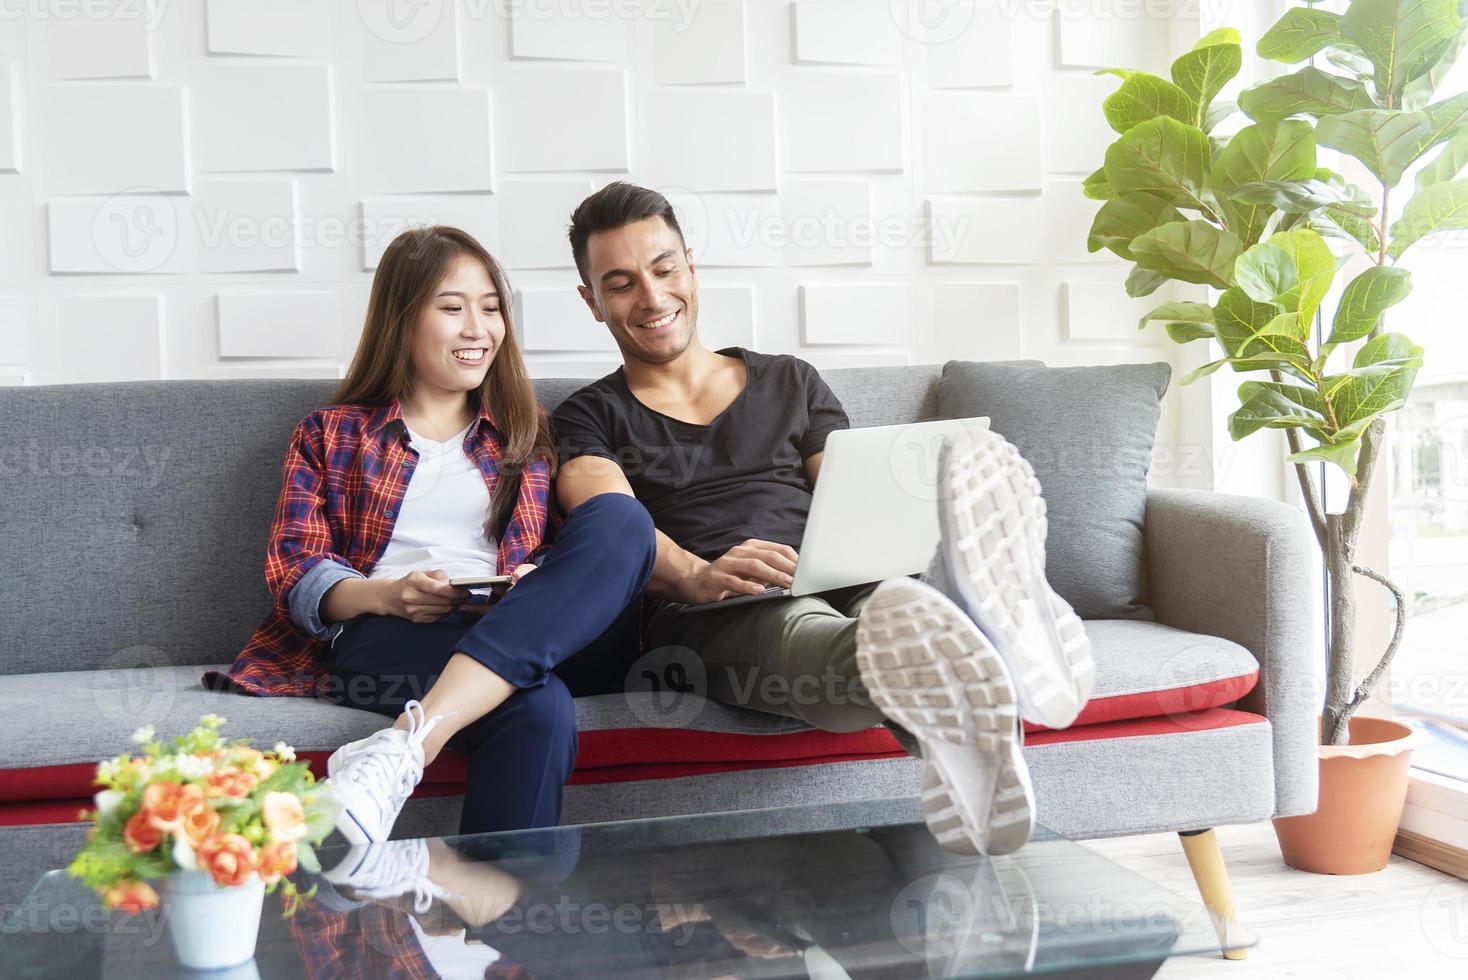 paar met behulp van internet om te werken in de laptop in de woonkamer. netwerkverbindingstechnologie voor het leven. foto